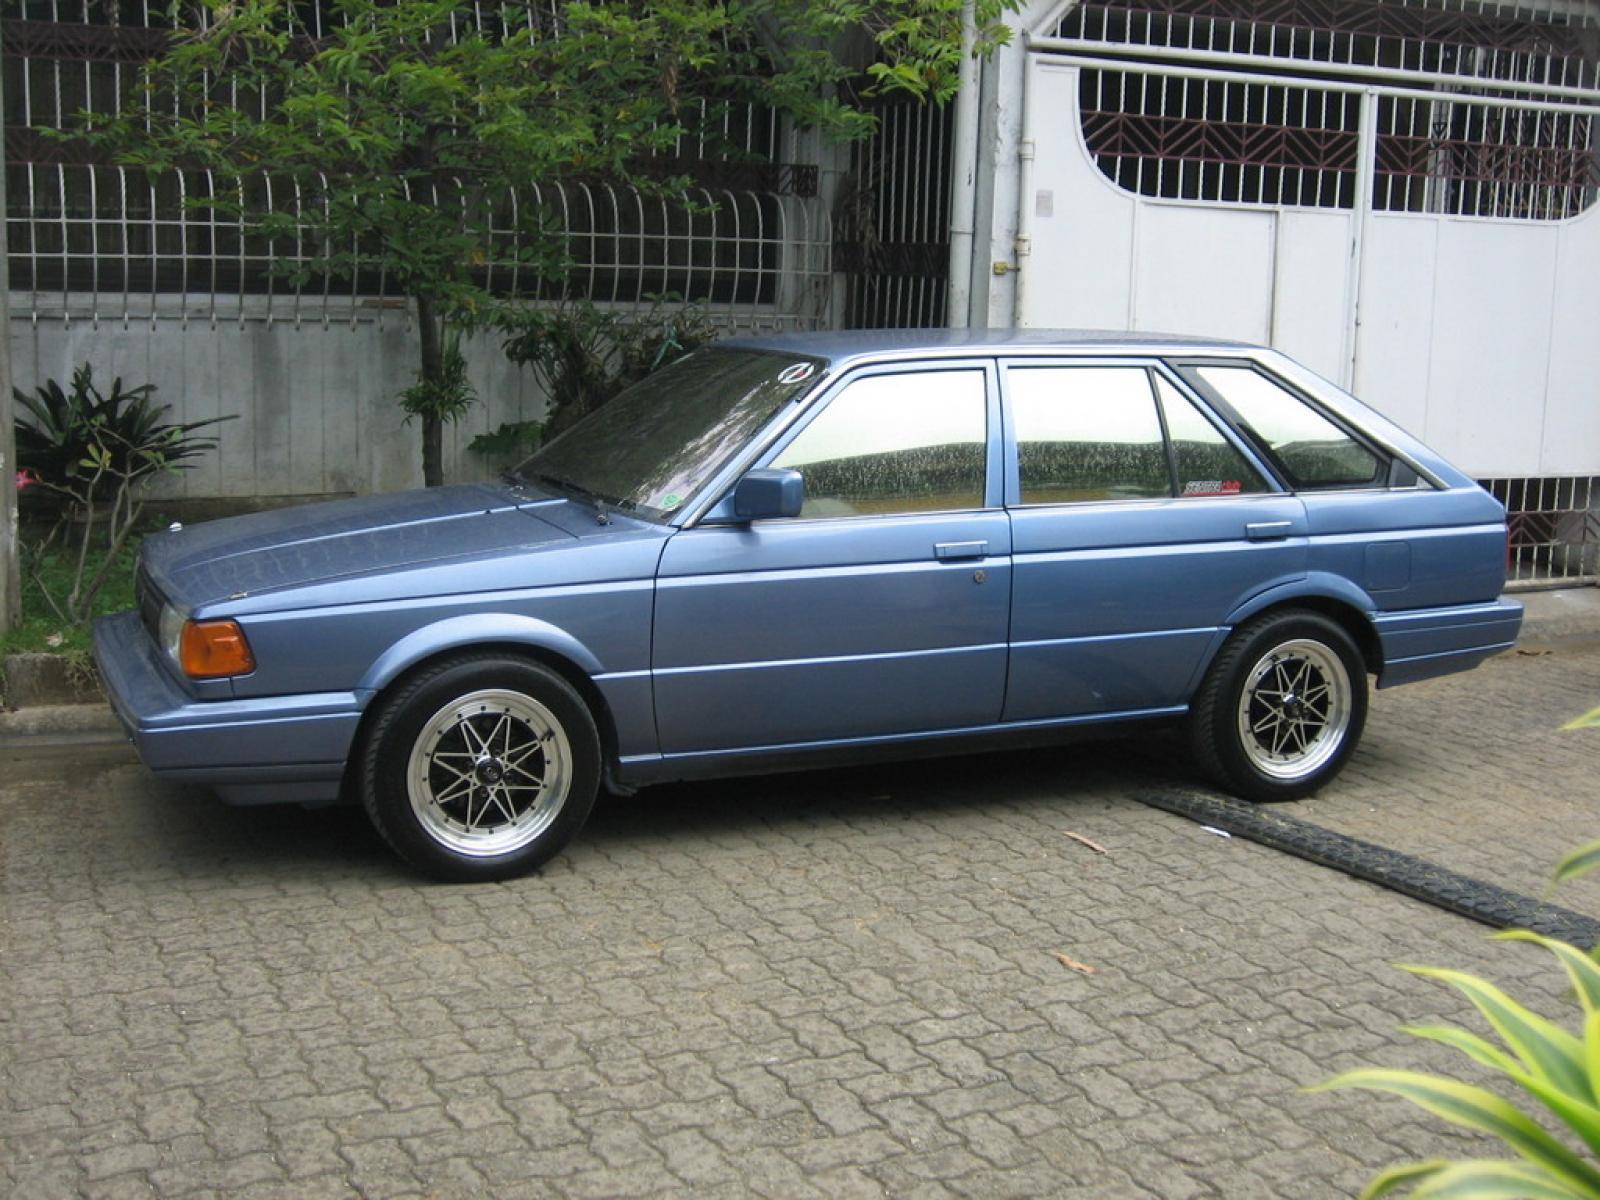 800 1024 1280 1600 origin 1991 Nissan Sentra ...